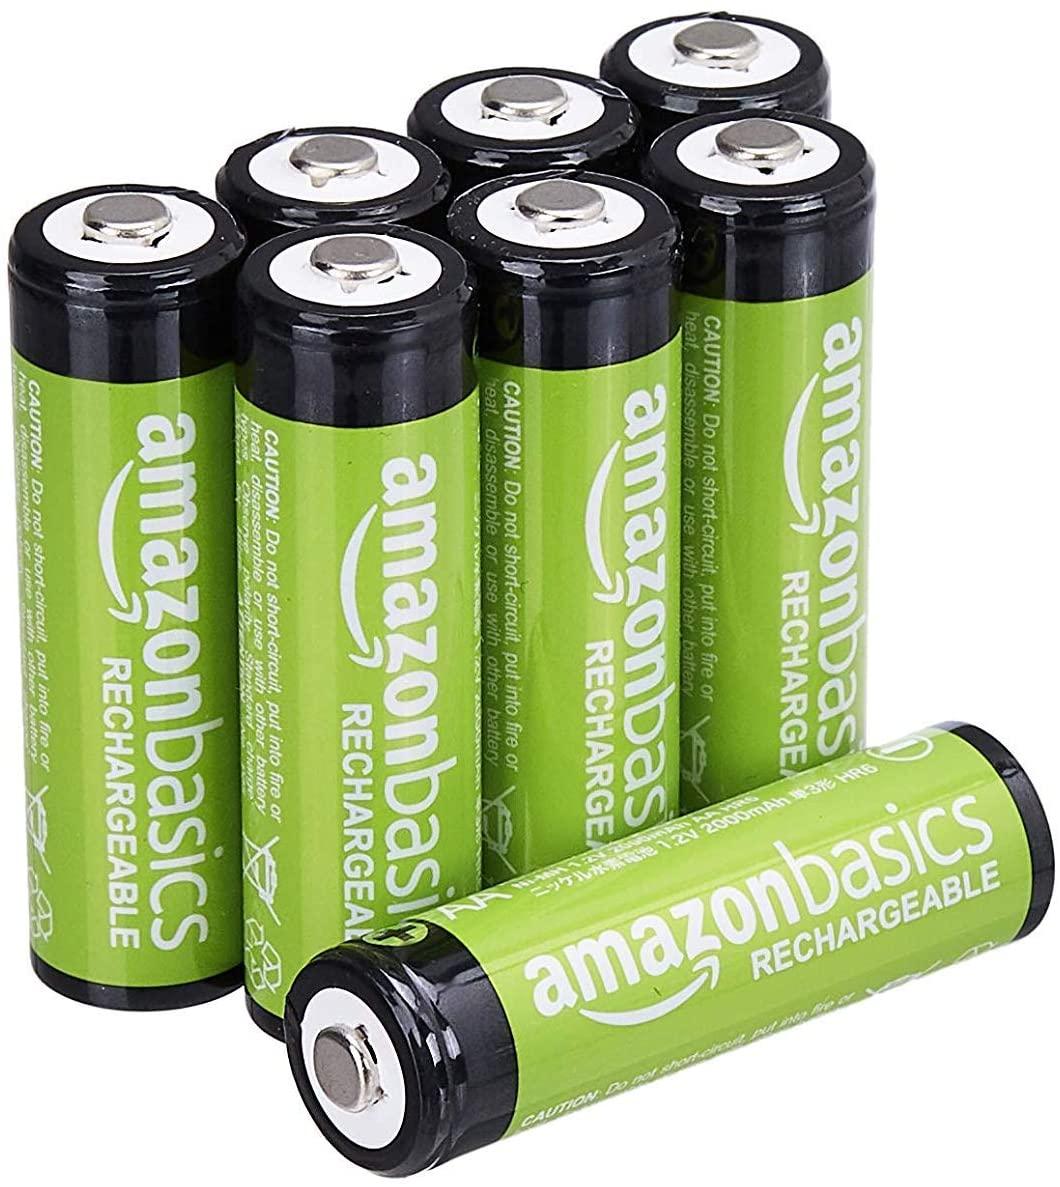 Best Solar Light Rechargeable Batteries Ledwatcher